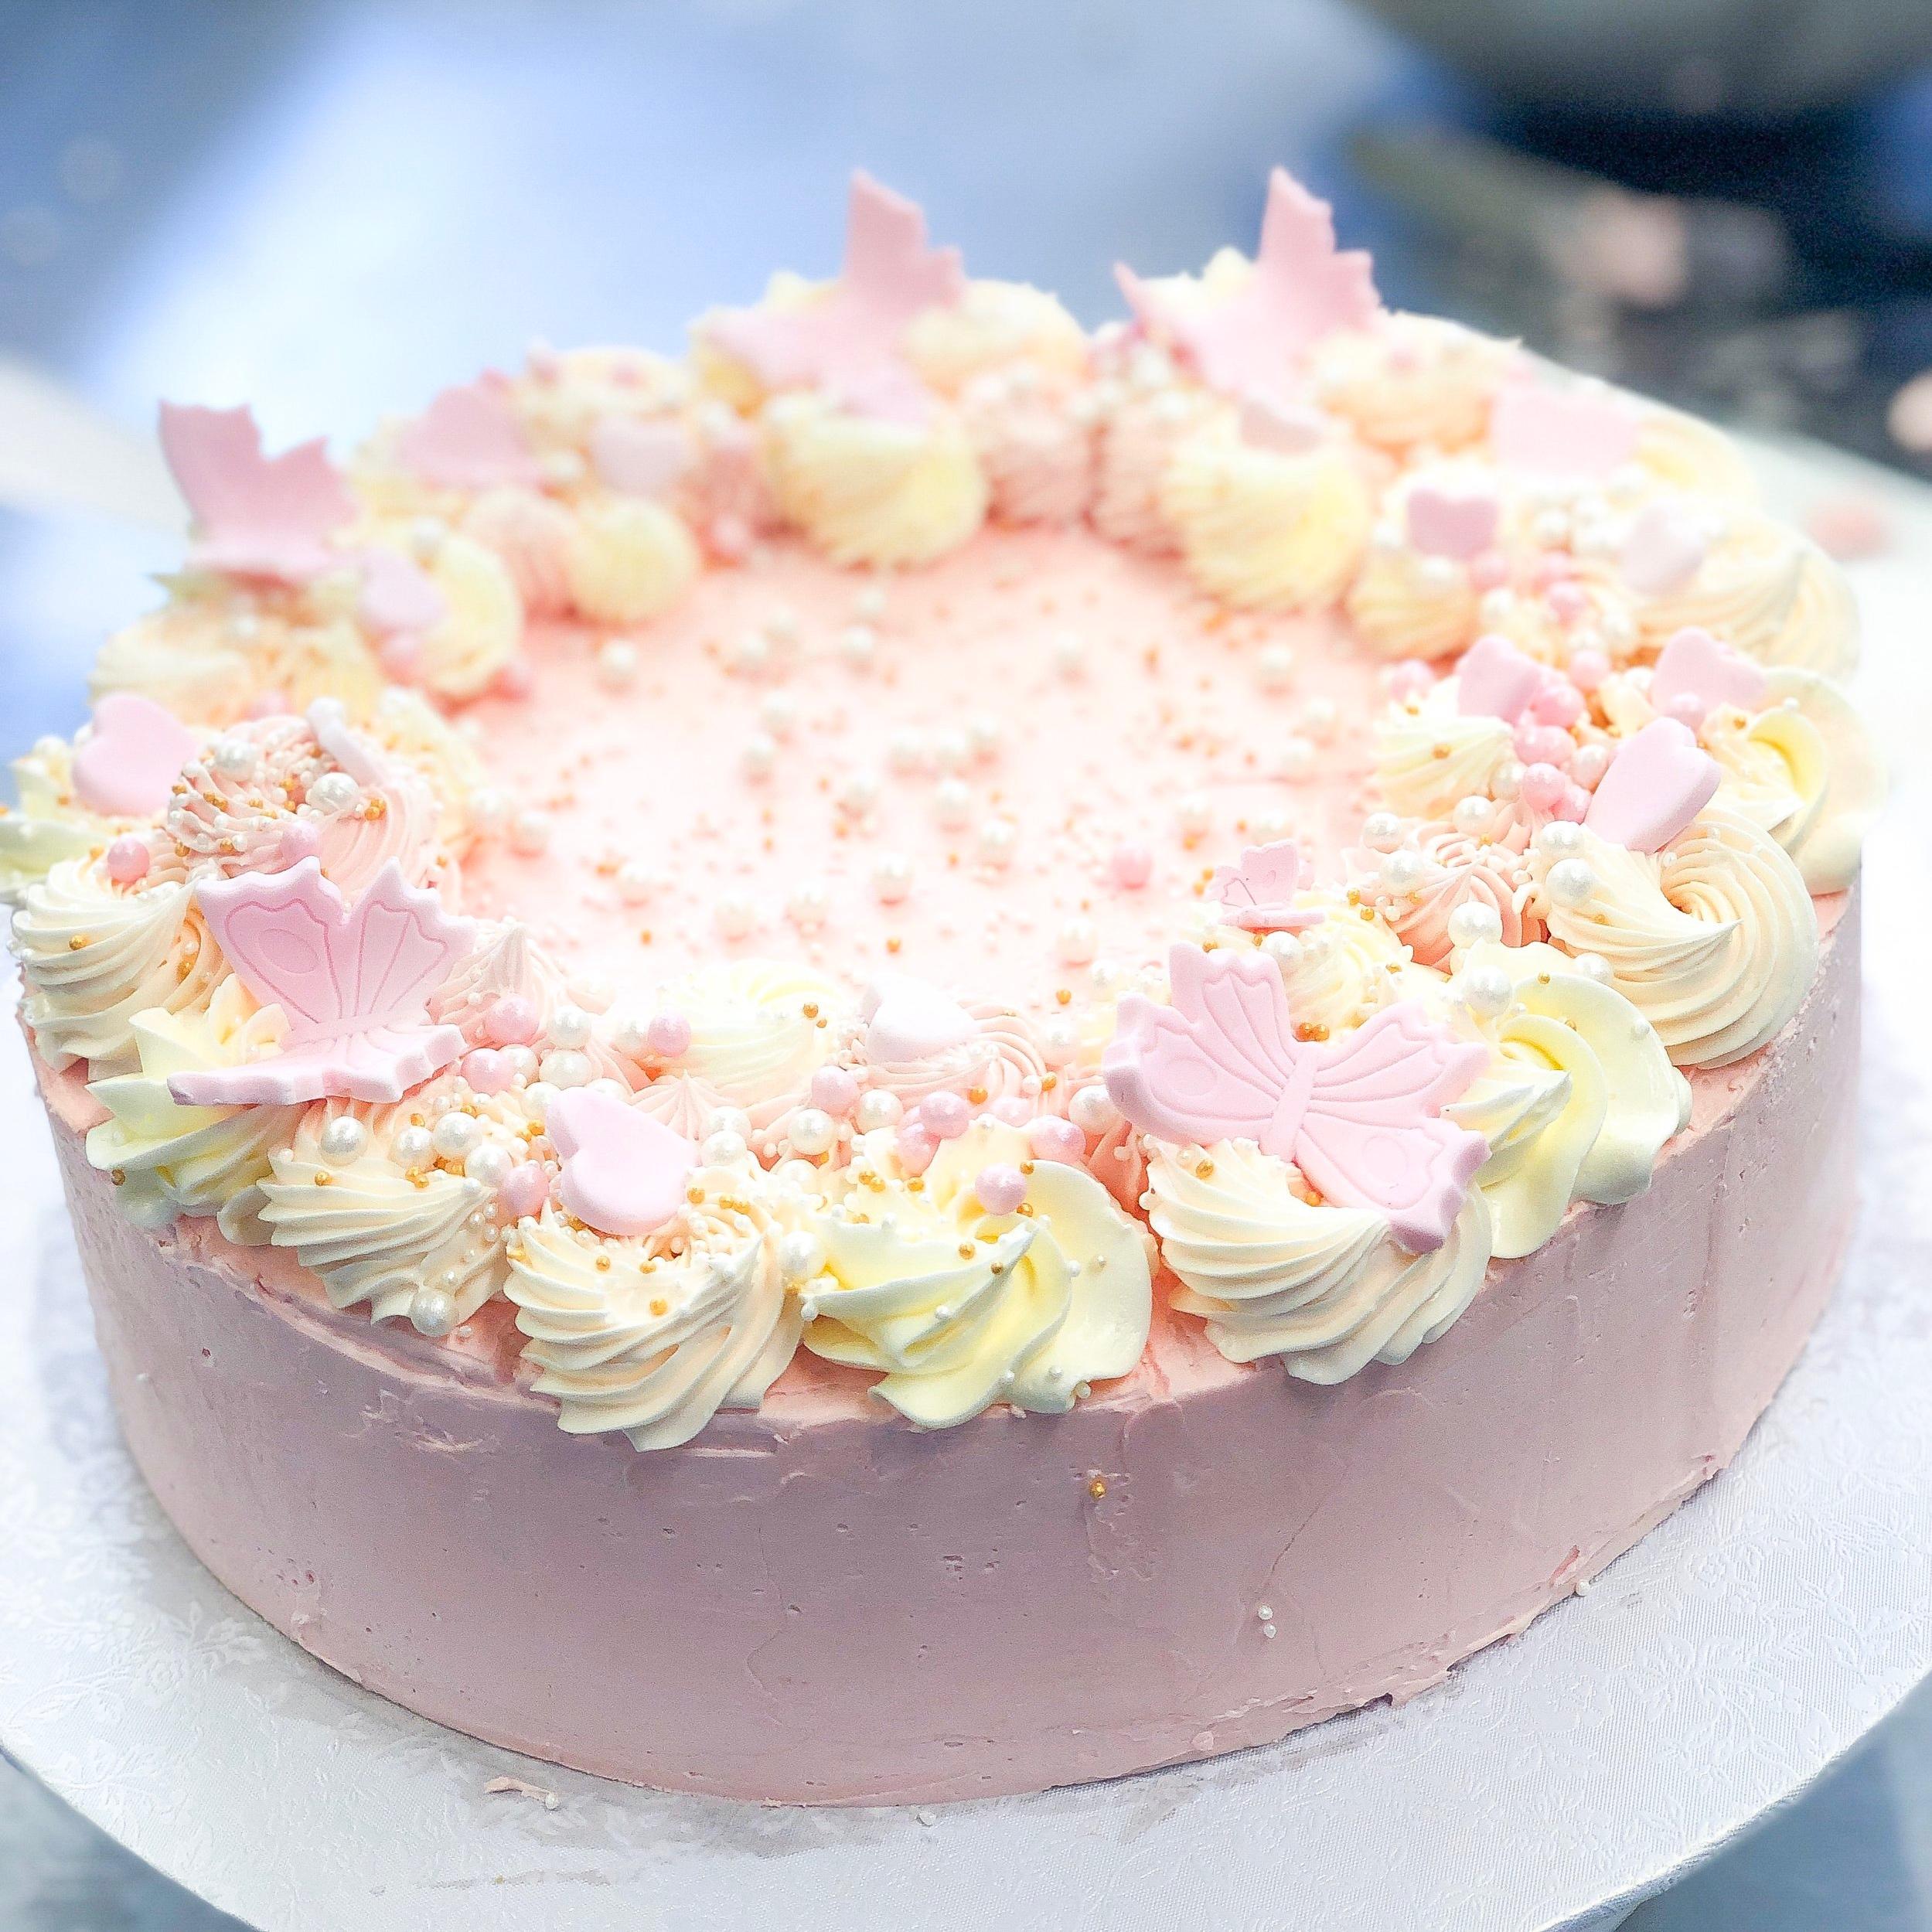 Vaarika-toorjuustu tort